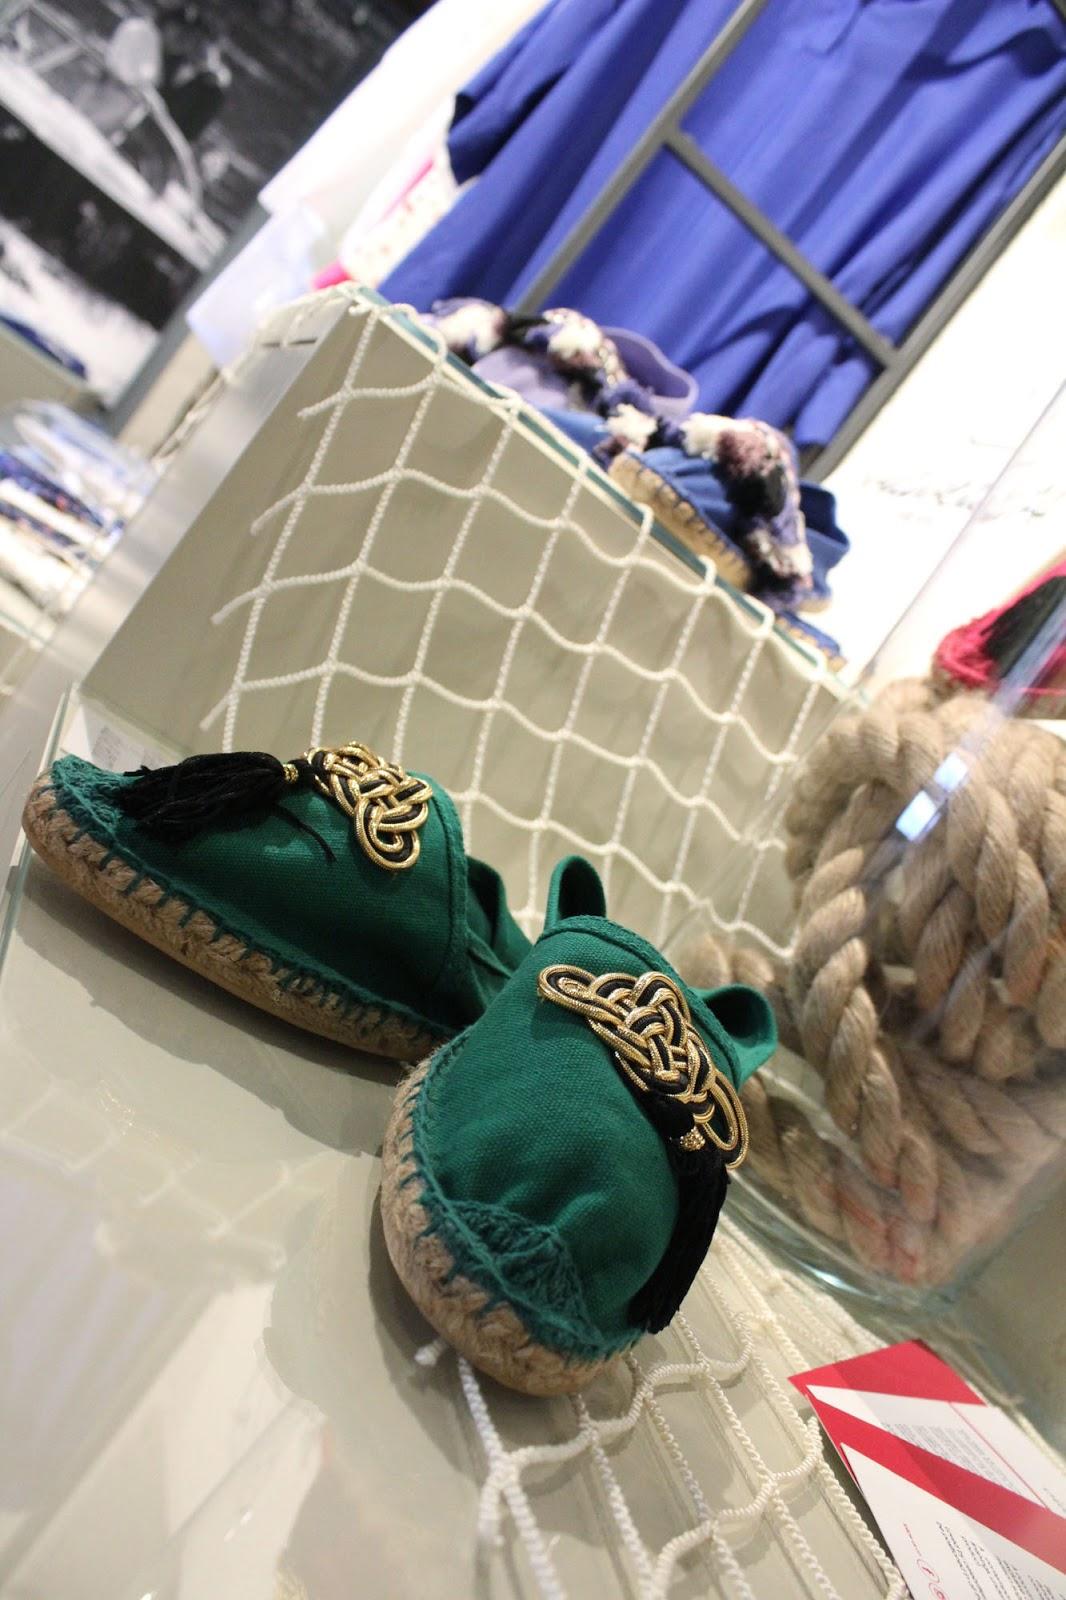 Eniwhere Fashion - Vicolo del Fornello - Isola Bella - Via Vela 14